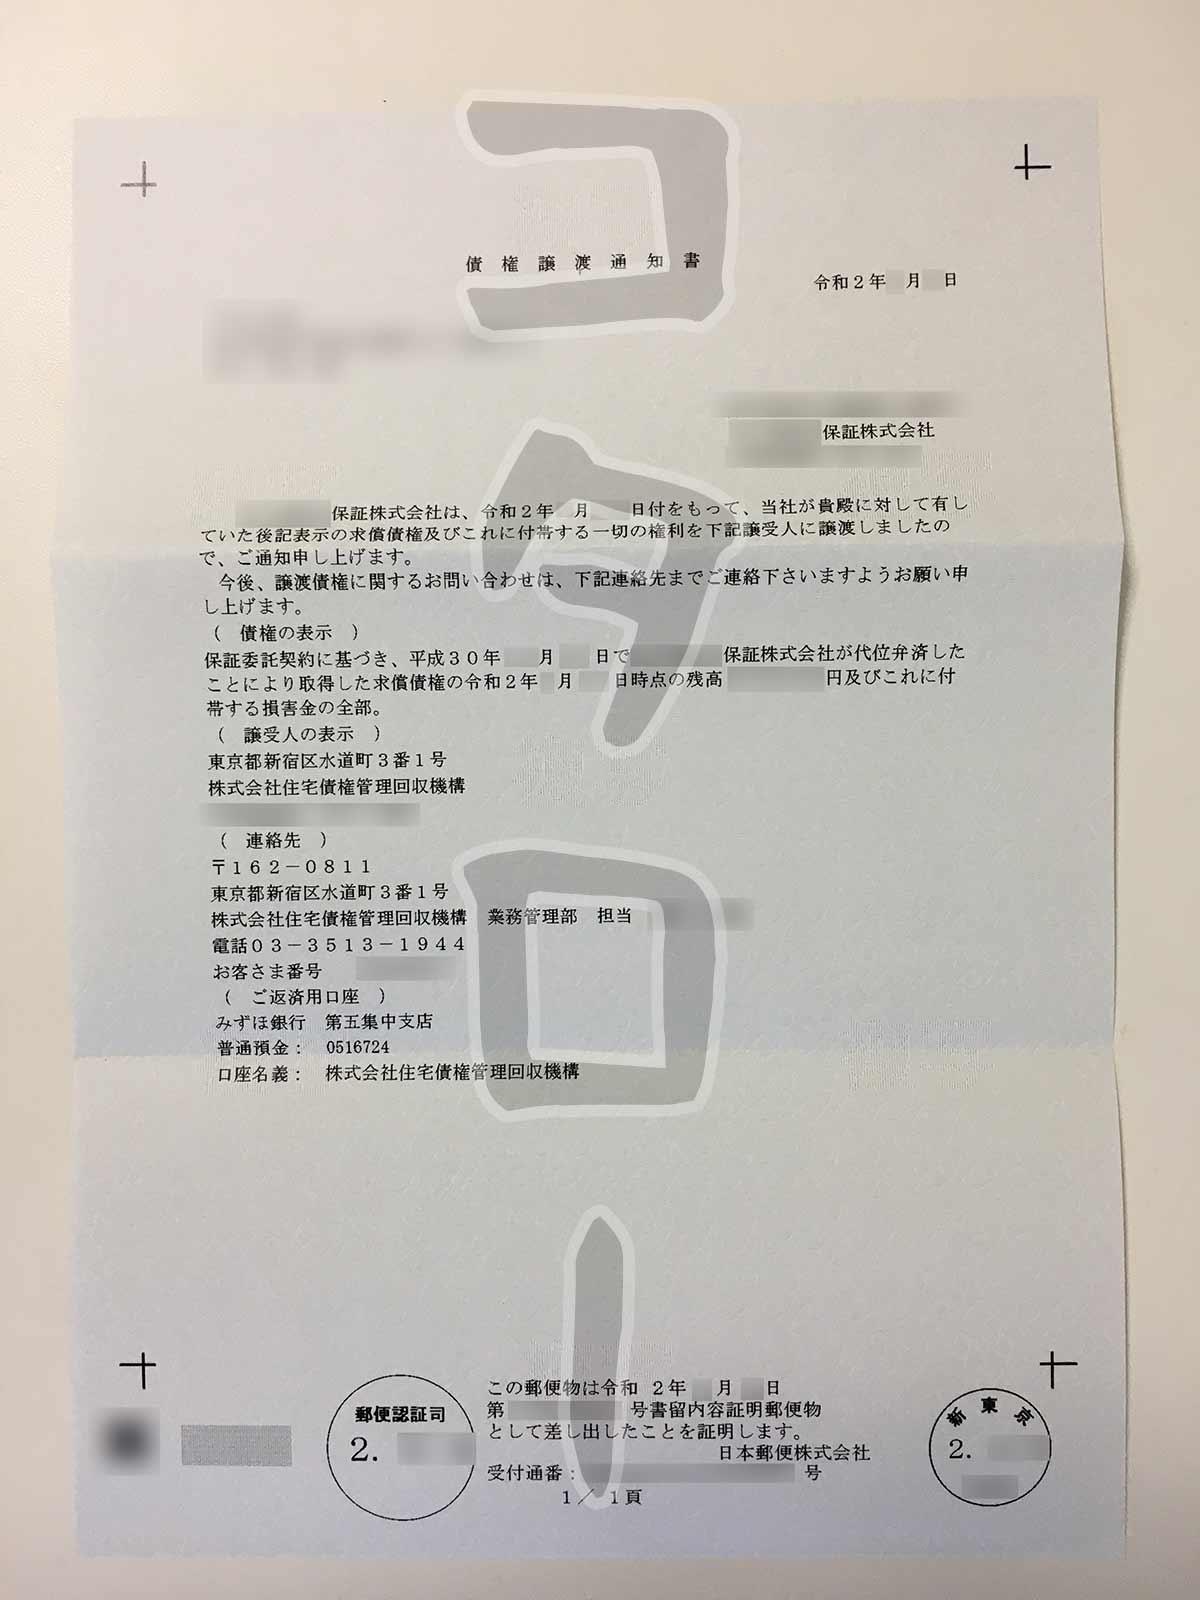 債権譲渡通知書保証会社-min